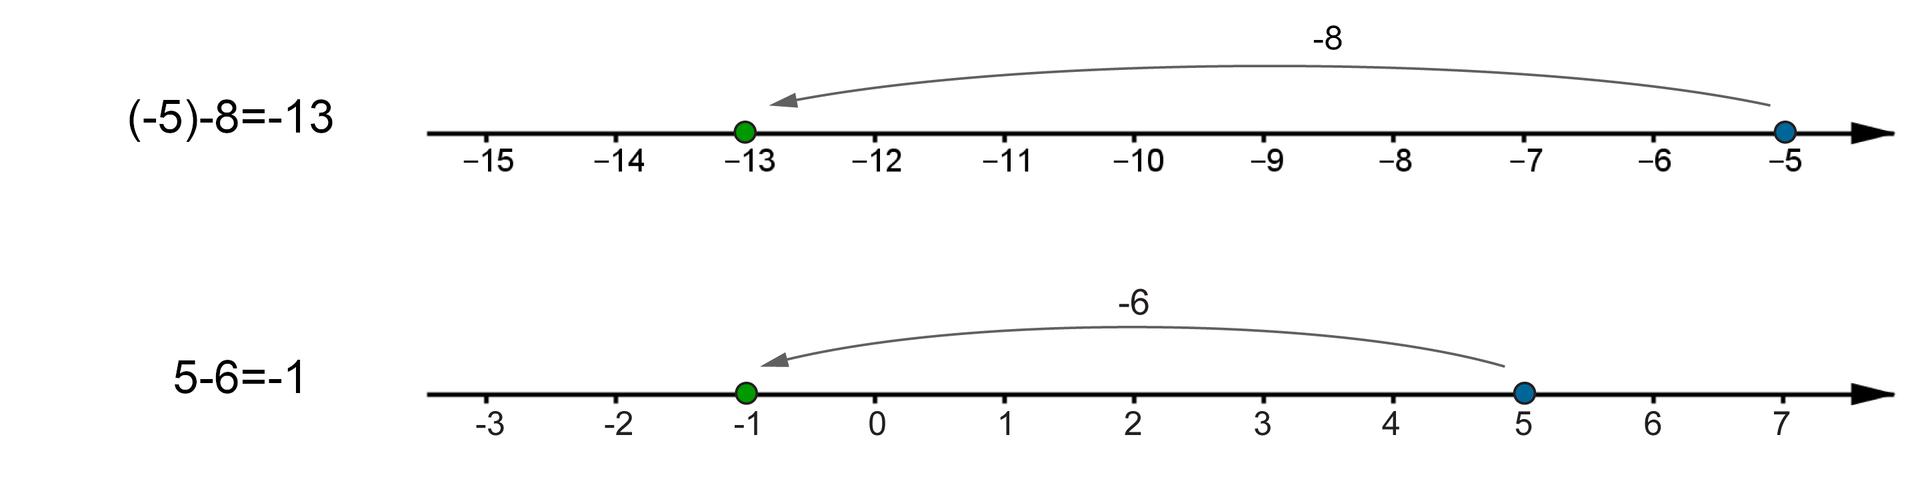 Rysunki osi liczbowych. Na pierwszej osi zaznaczone liczby całkowite od -13 do -5. Poprowadzona strzałka od -5 do -12, która ilustruje działanie (-5) -7 =-12. Na drugiej osi zaznaczone liczby całkowite od -3 do 5. Poprowadzona strzałka od 5 do -1, która ilustruje działanie 5 -6 =-1.